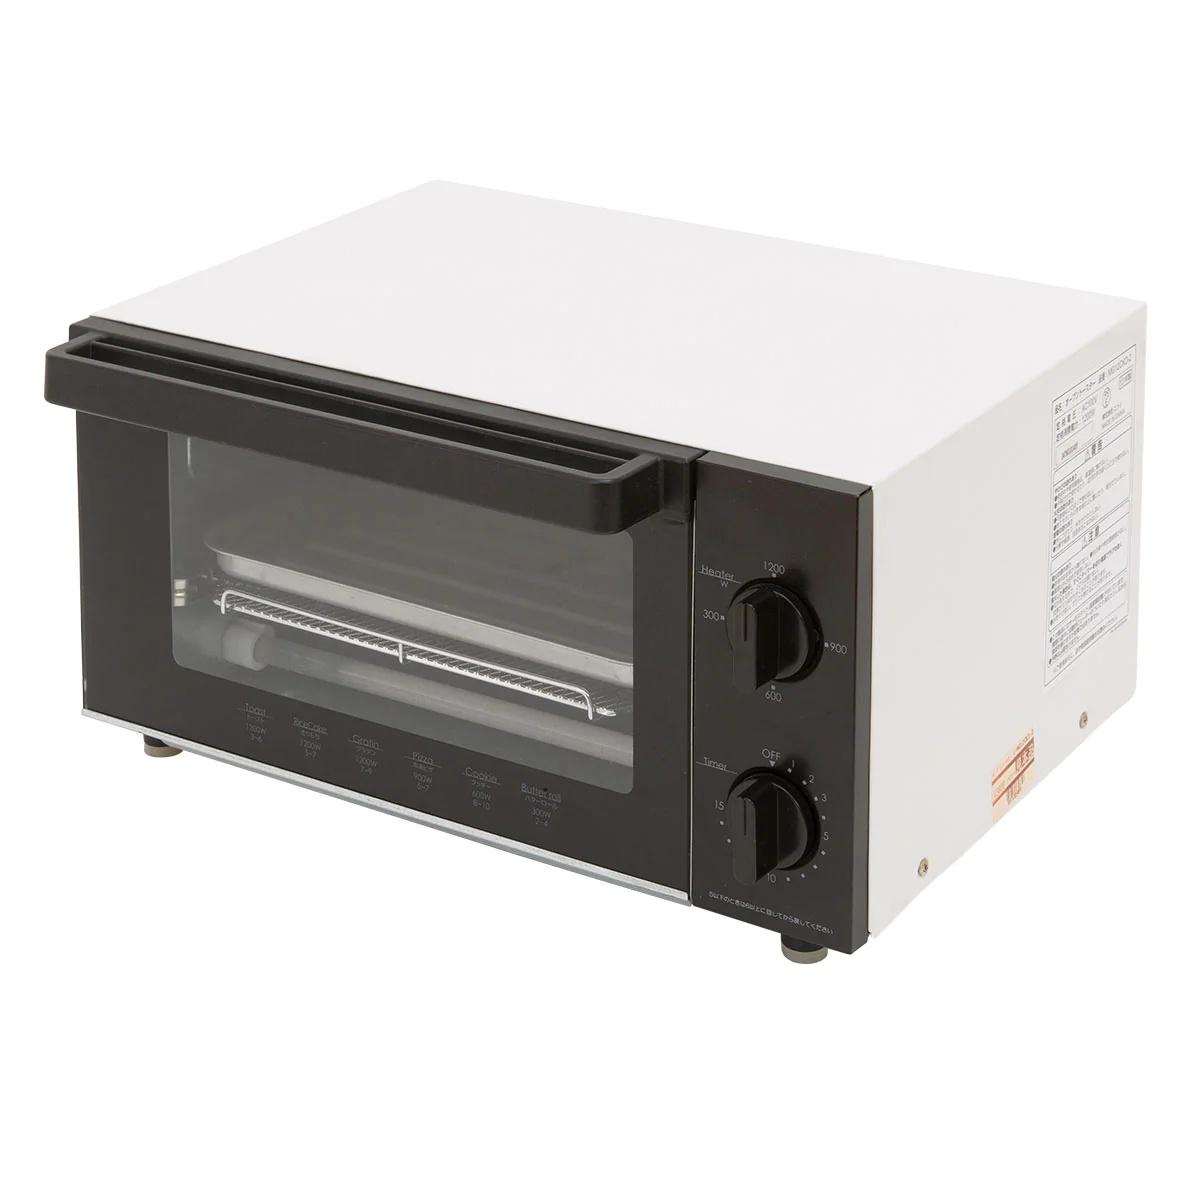 NITORI(ニトリ) オーブントースターMG12CKDの商品画像